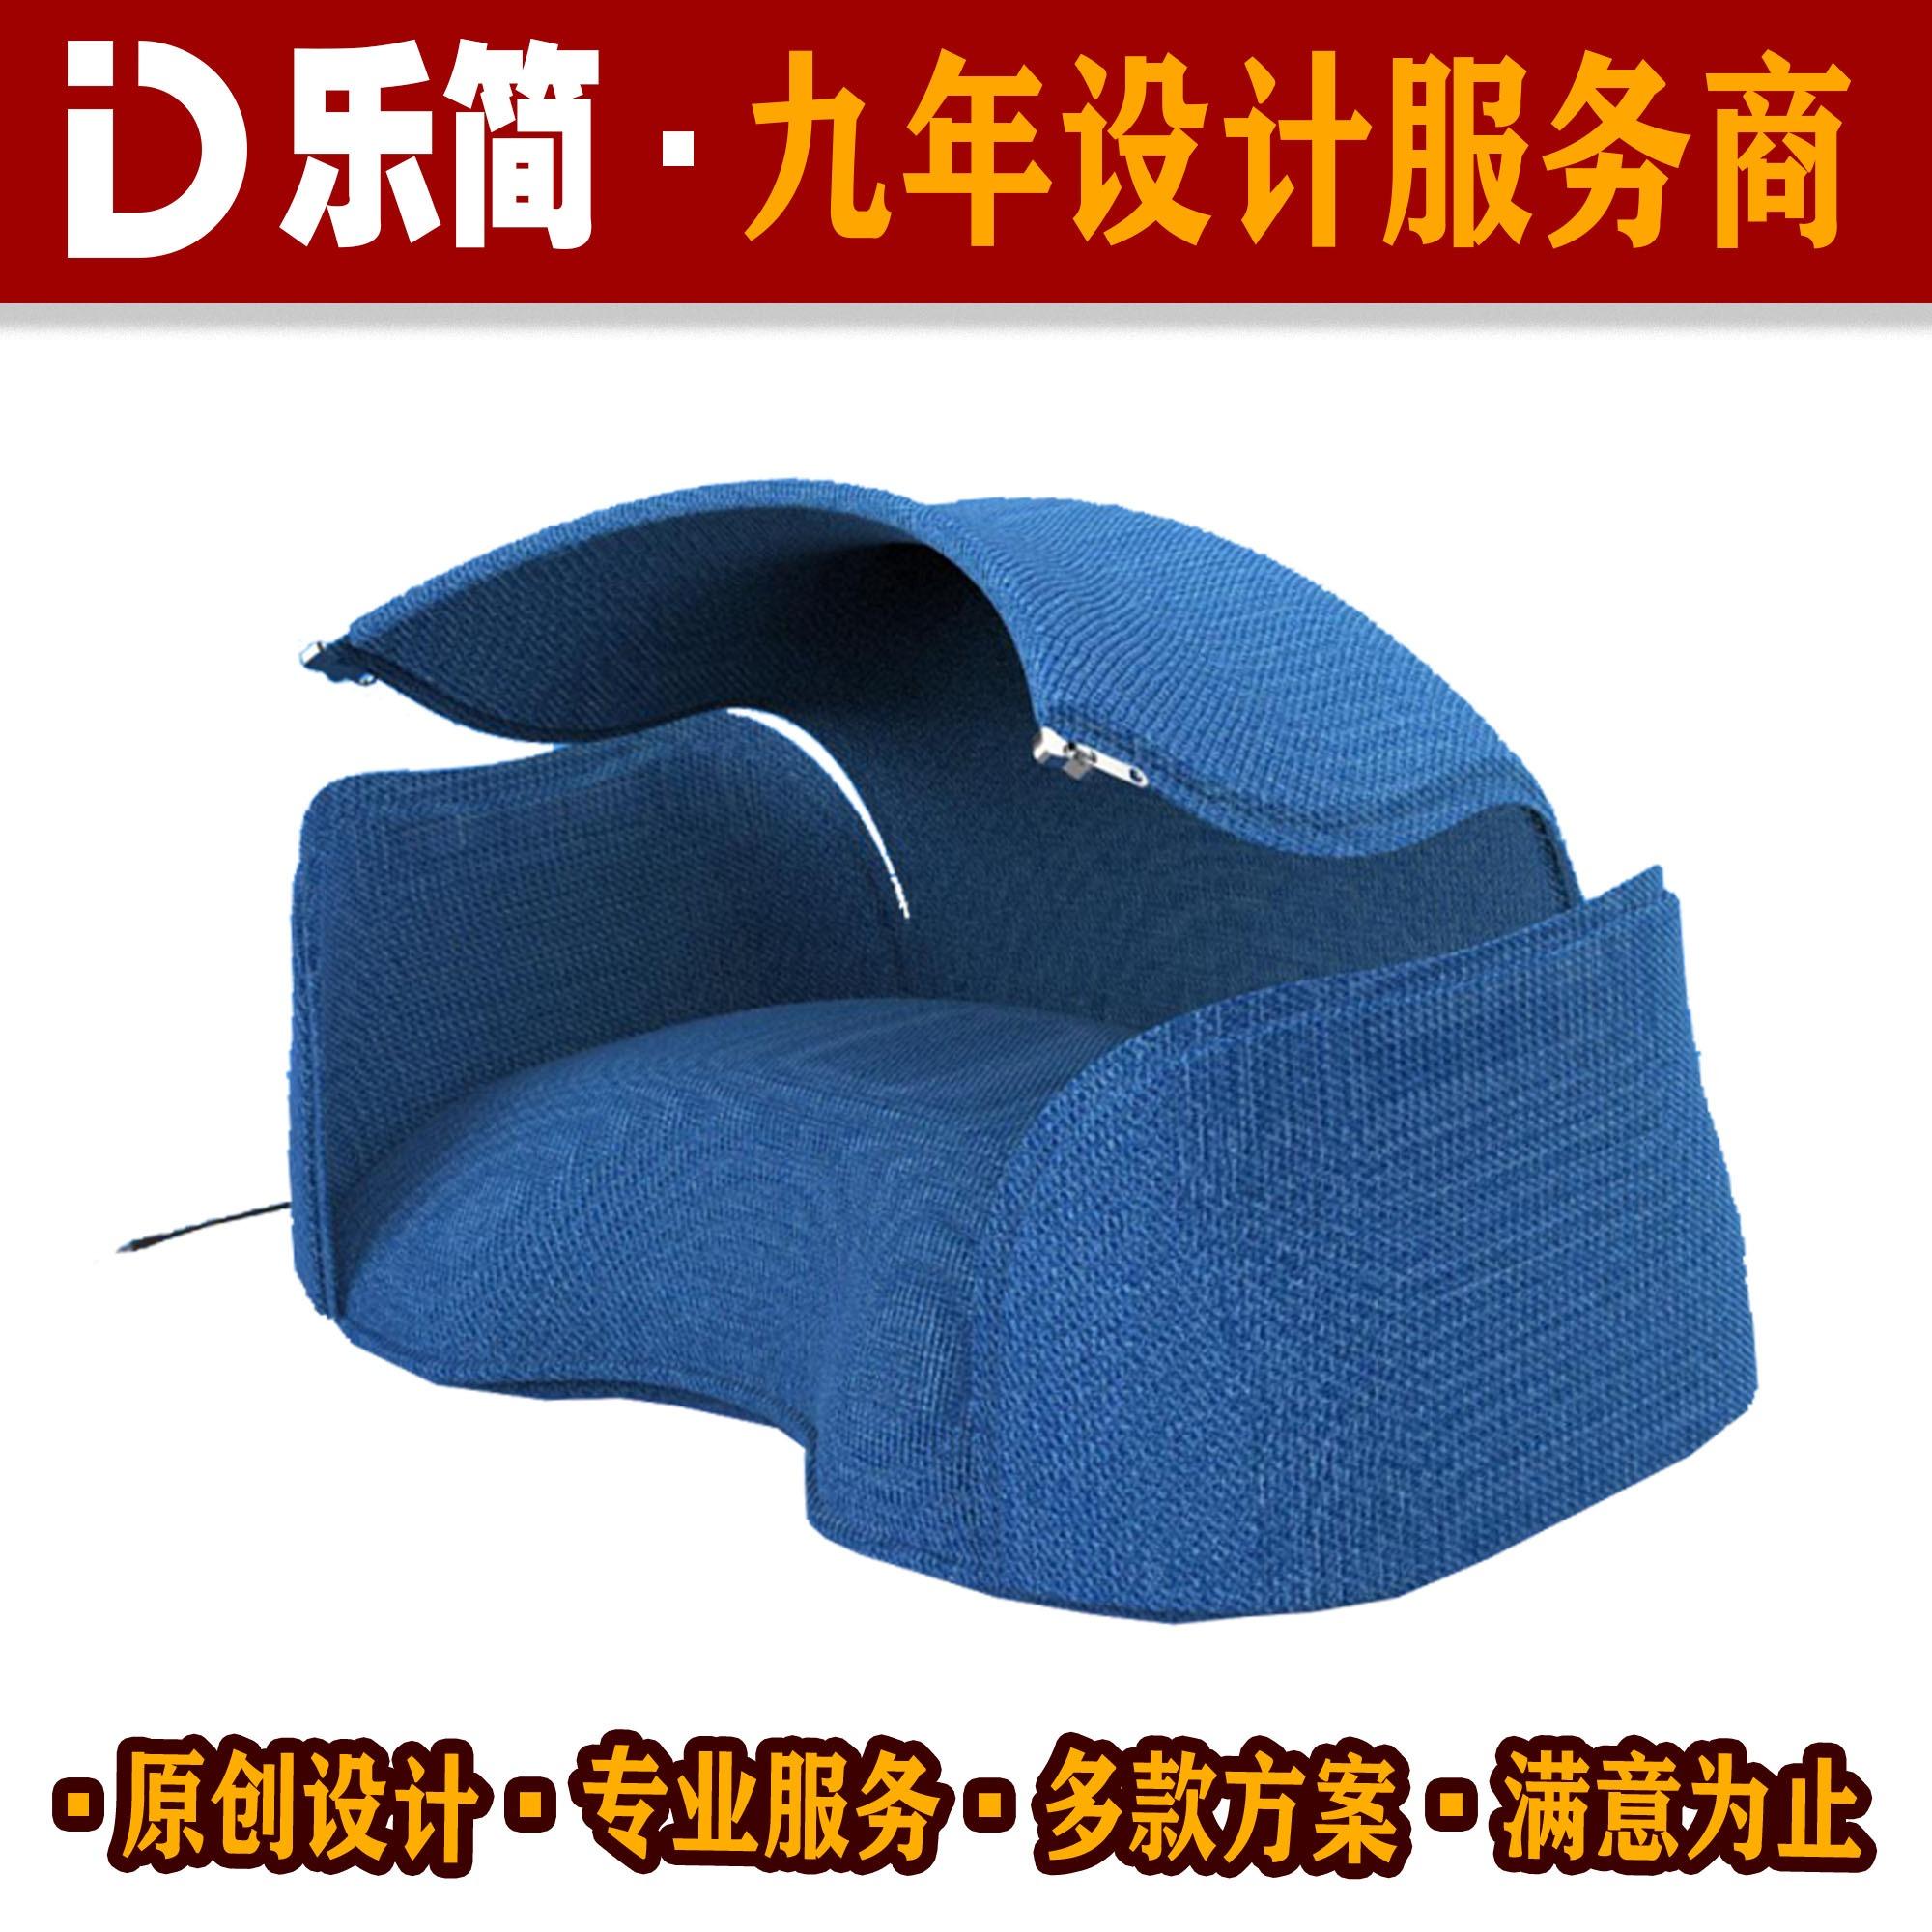 【孕妇枕】外观设计工业设计结构设计造型设计电子产品设计手板